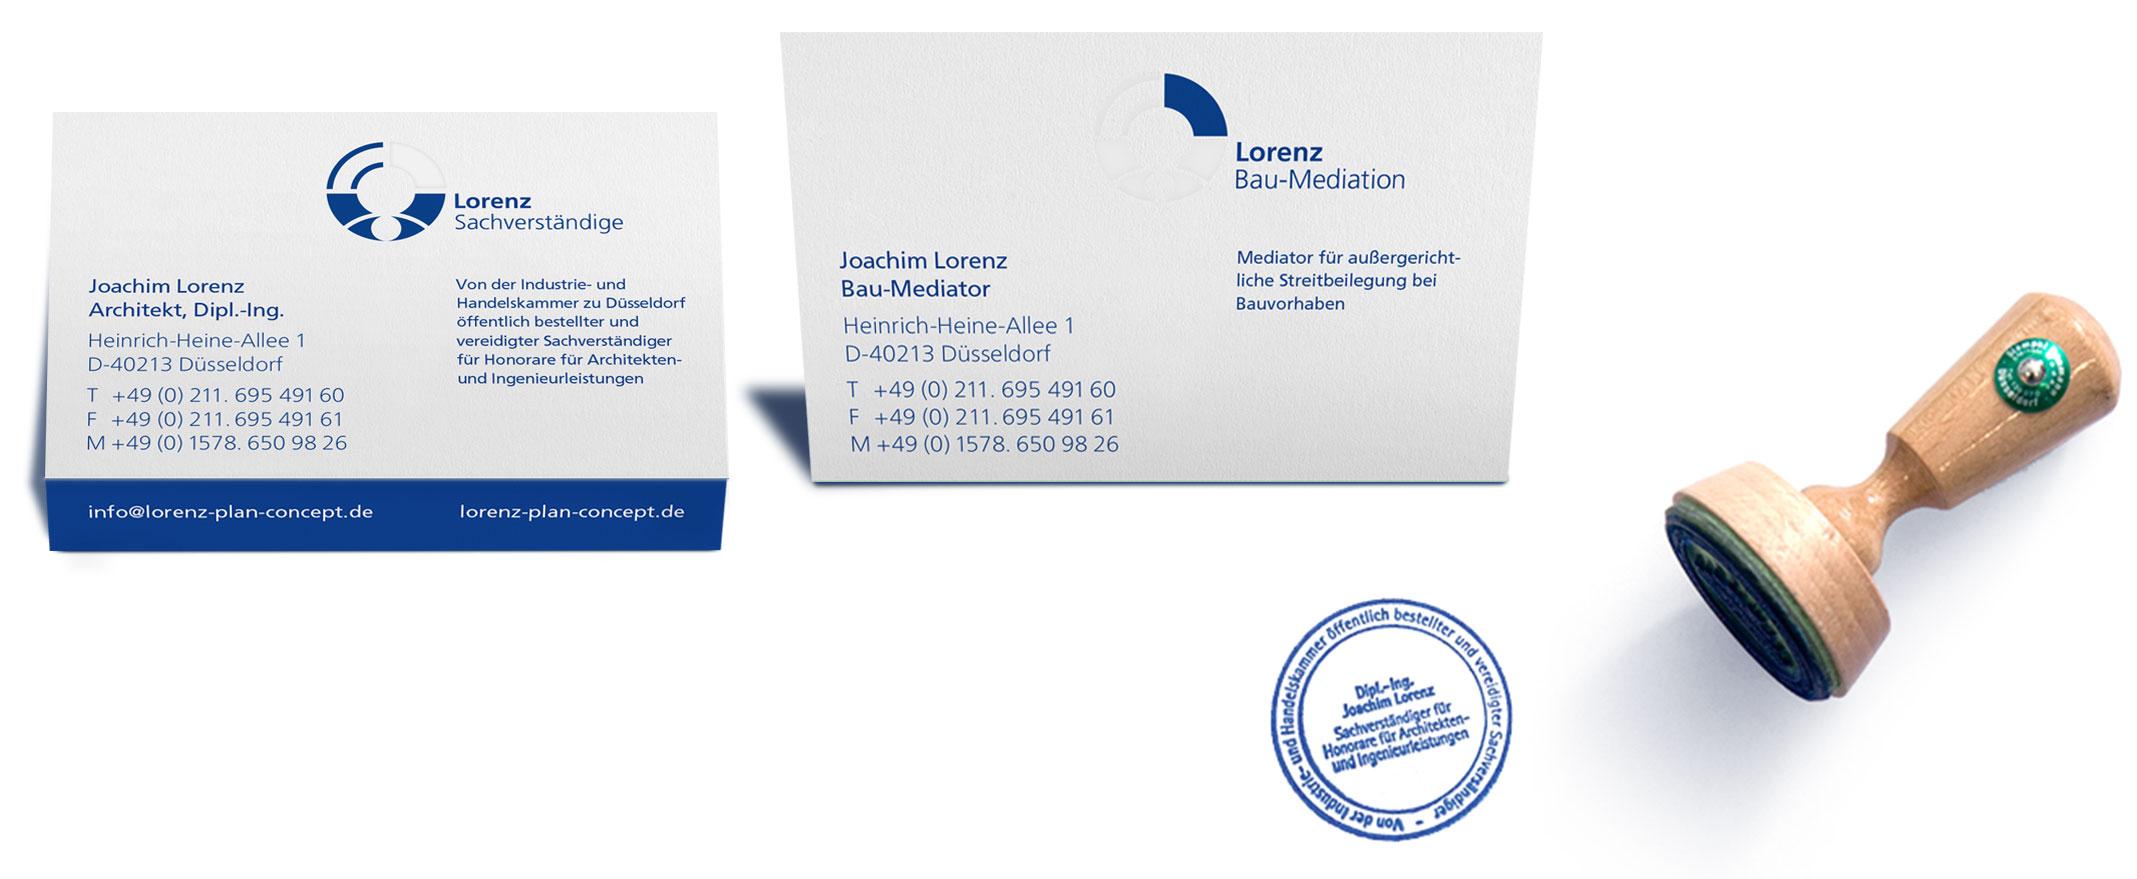 Printmedien | Corporate Design Sachverständigen und Bau-Mediation Lorenz – ZWEIPRO Kreativagentur Düsseldorf